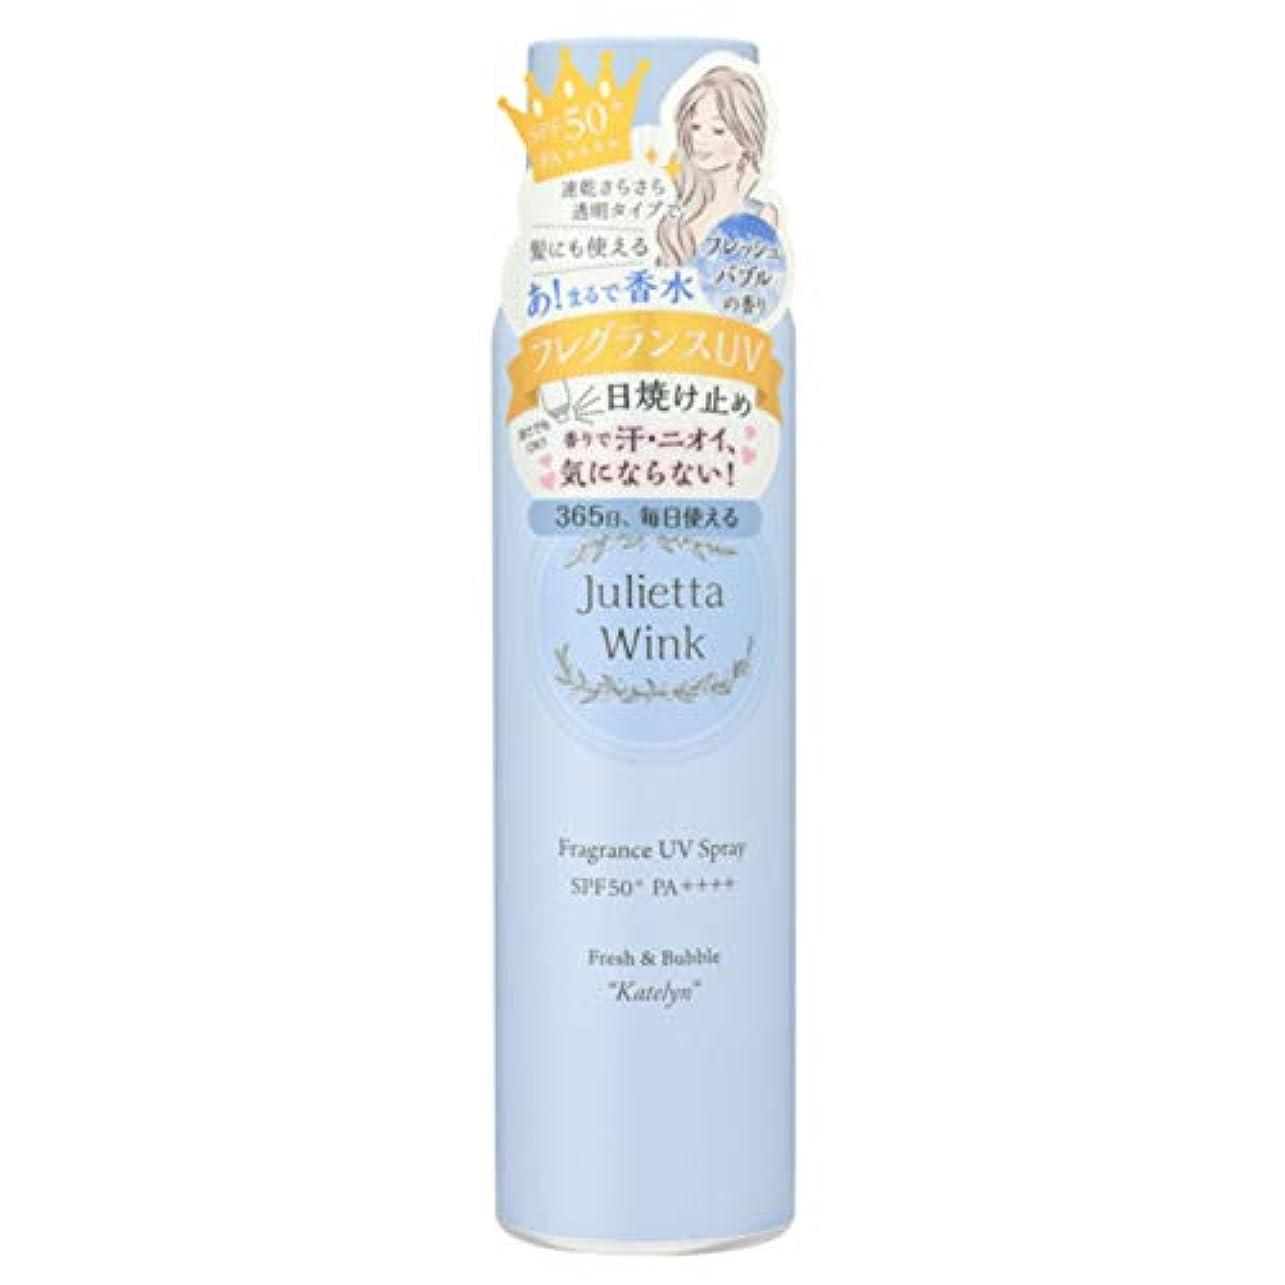 キャンベラマラウイ生息地ジュリエッタウィンク フレグランス UVスプレー[ケイトリン]100g フレッシュバブルの香り(ブルー)